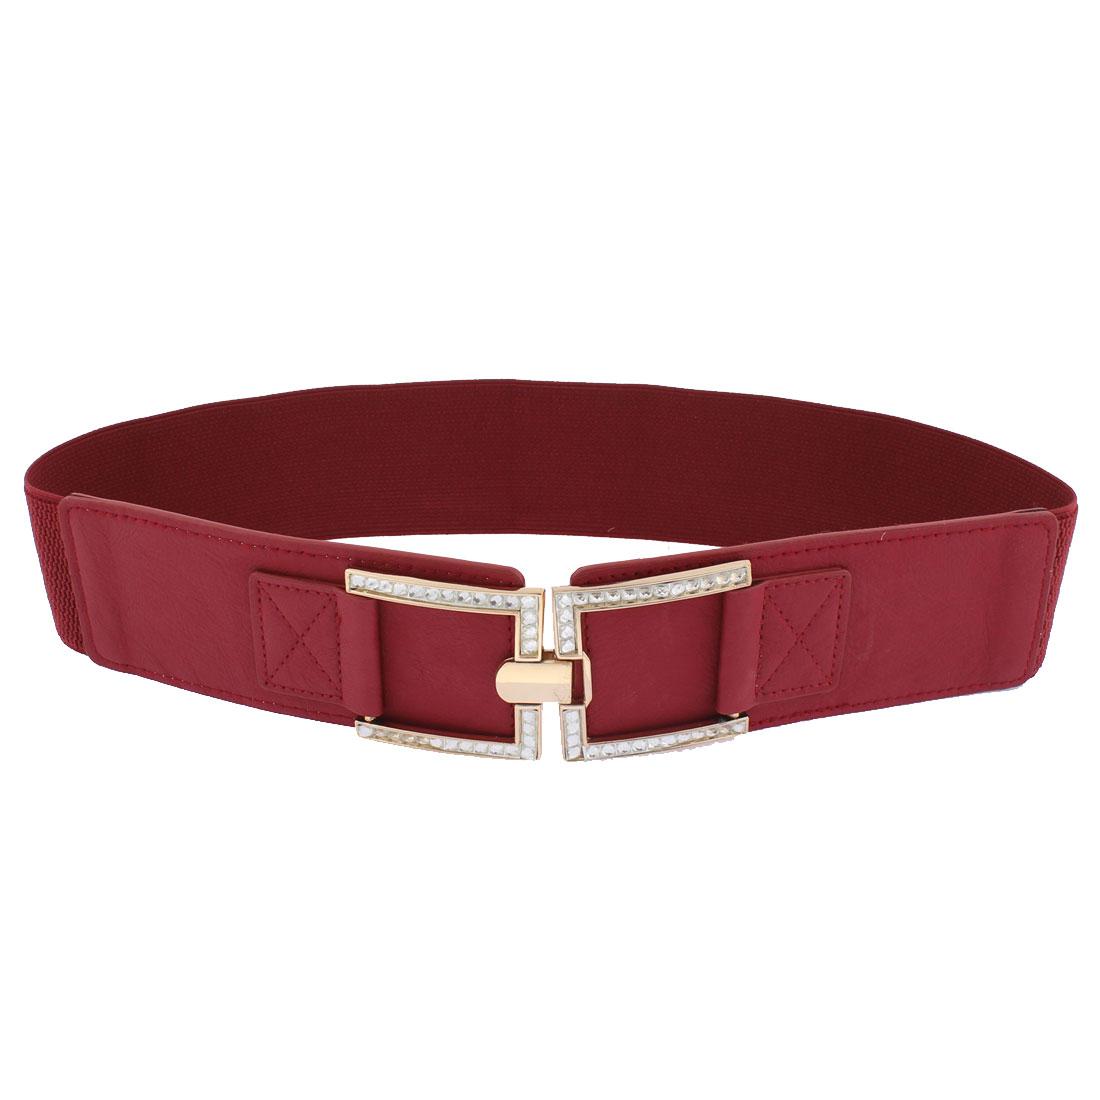 Women Adjustable Elastic Wide Waistband Waist Belt Burgundy